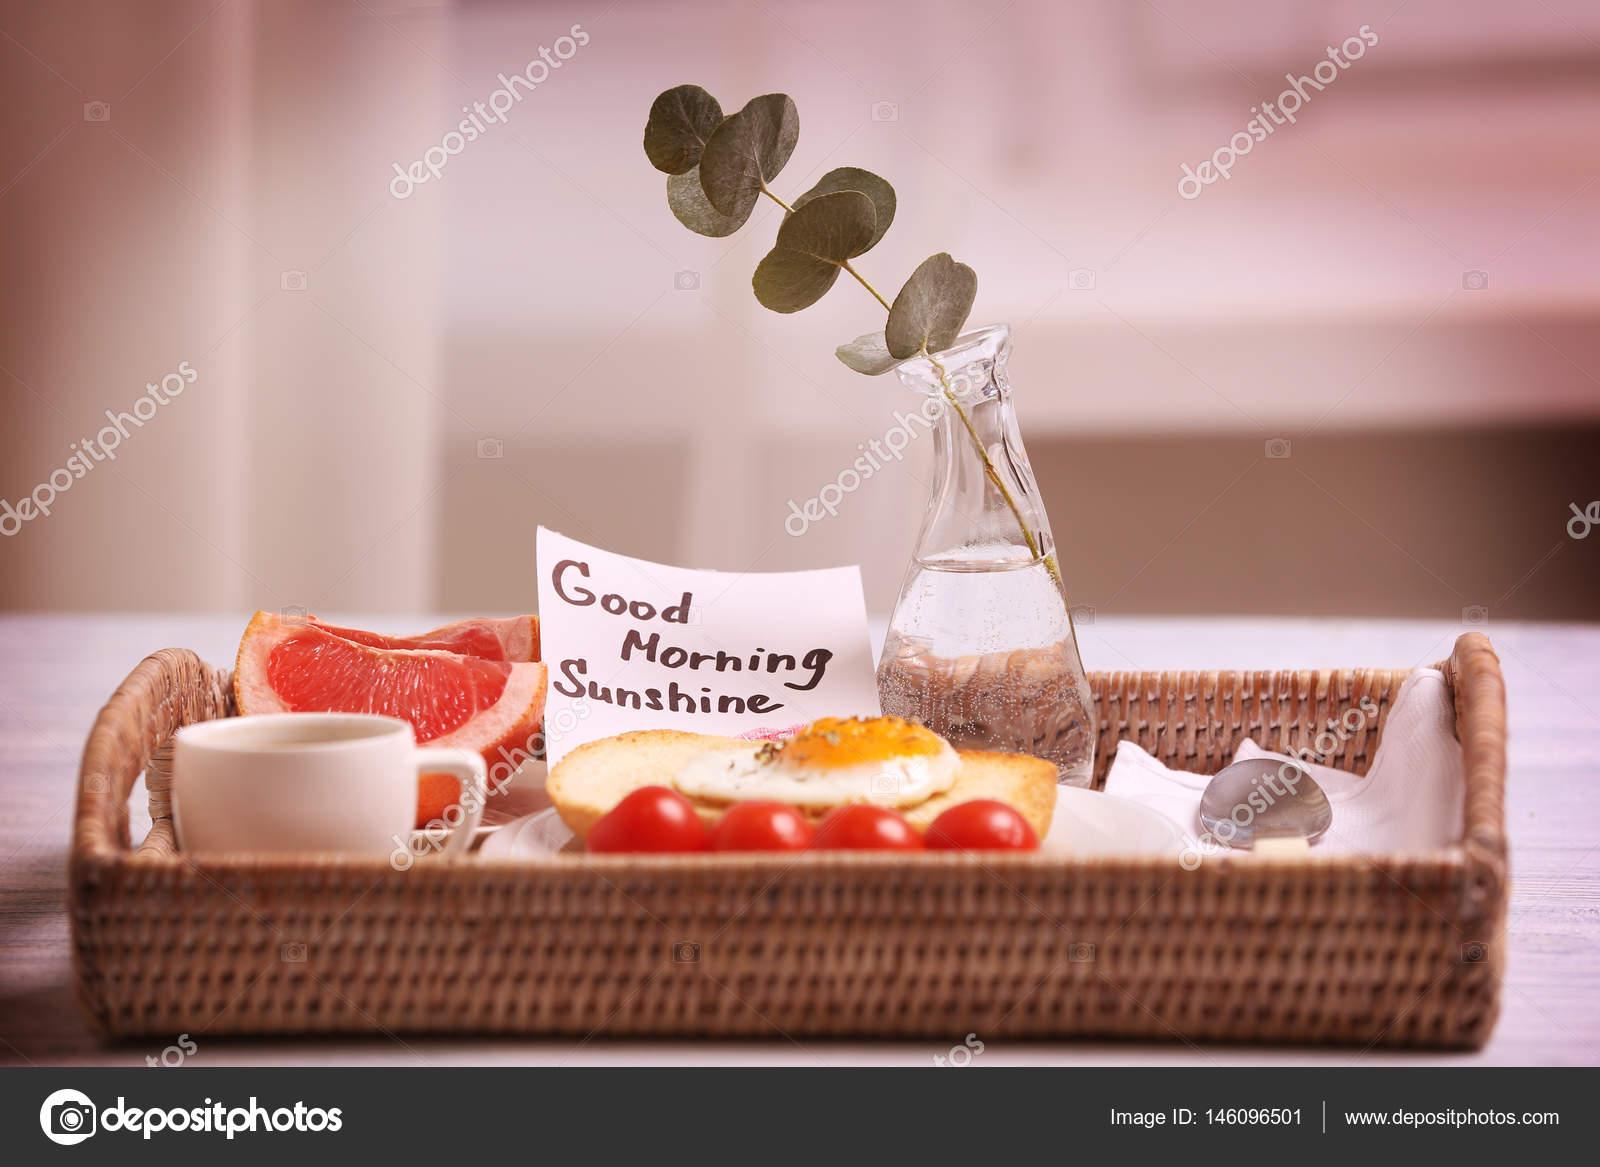 Frühstück Und Guten Morgen Gruß Hinweis Stockfoto Belchonock